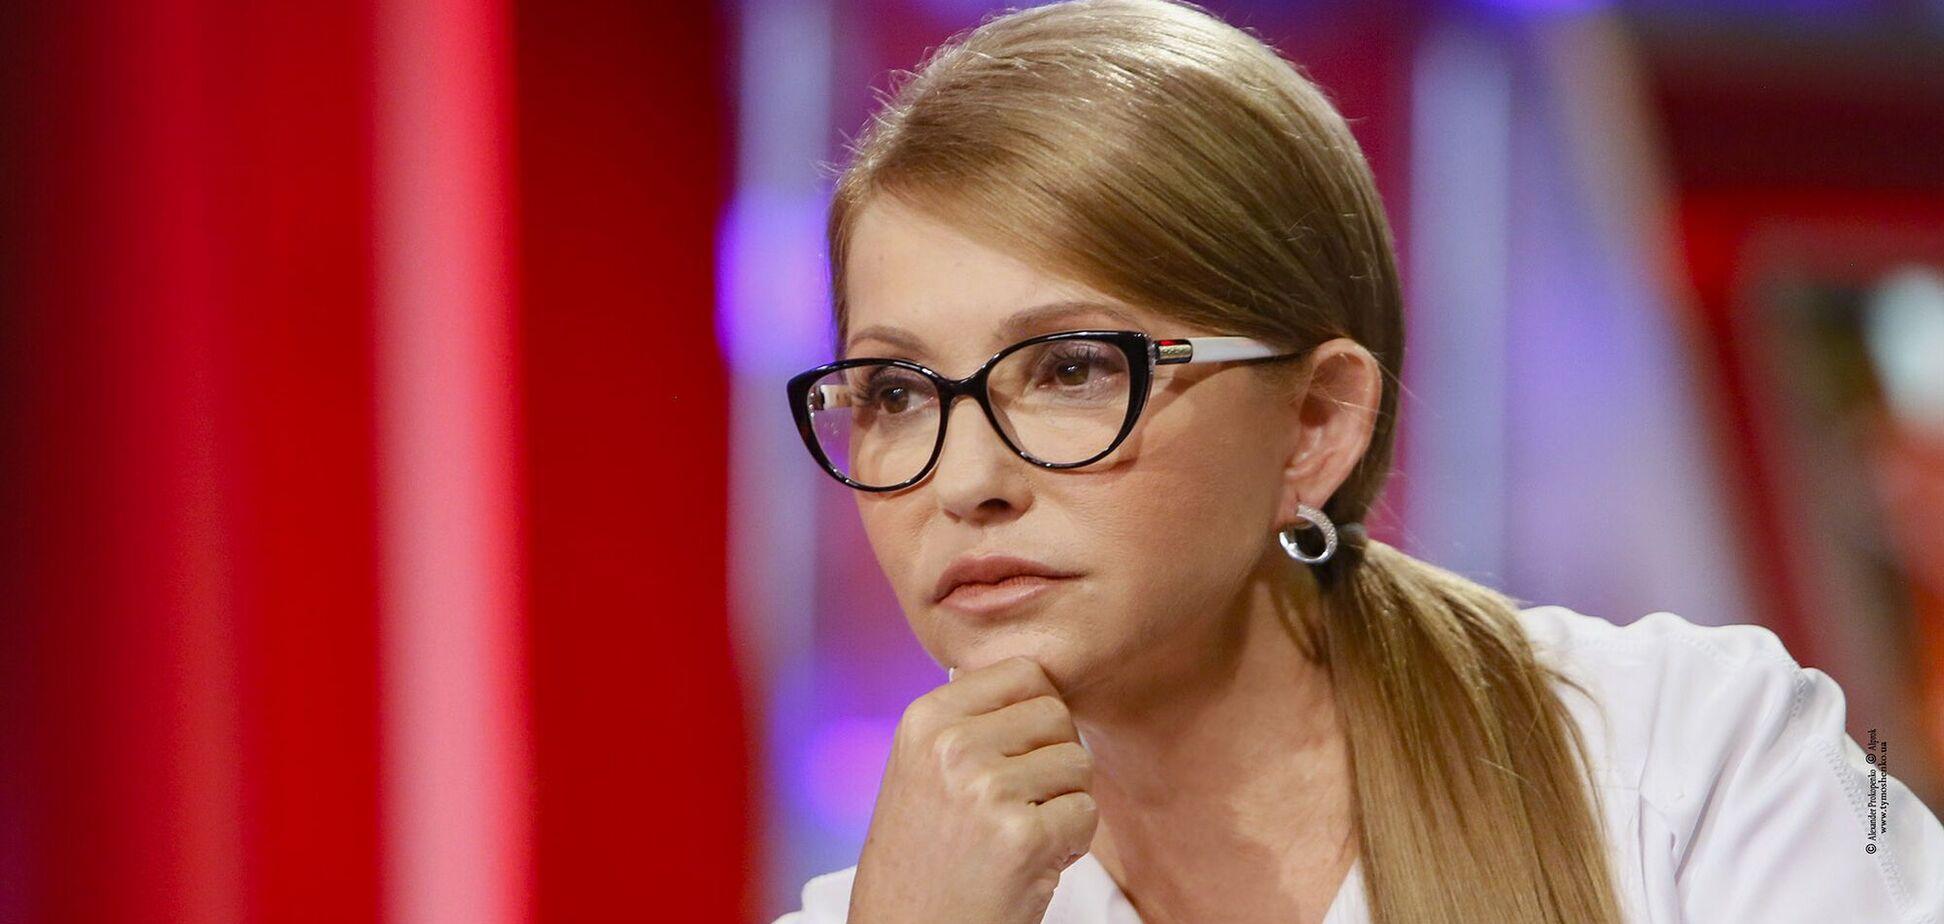 Тимошенко виступила за створення Національного штабу для боротьби з коронавірусом